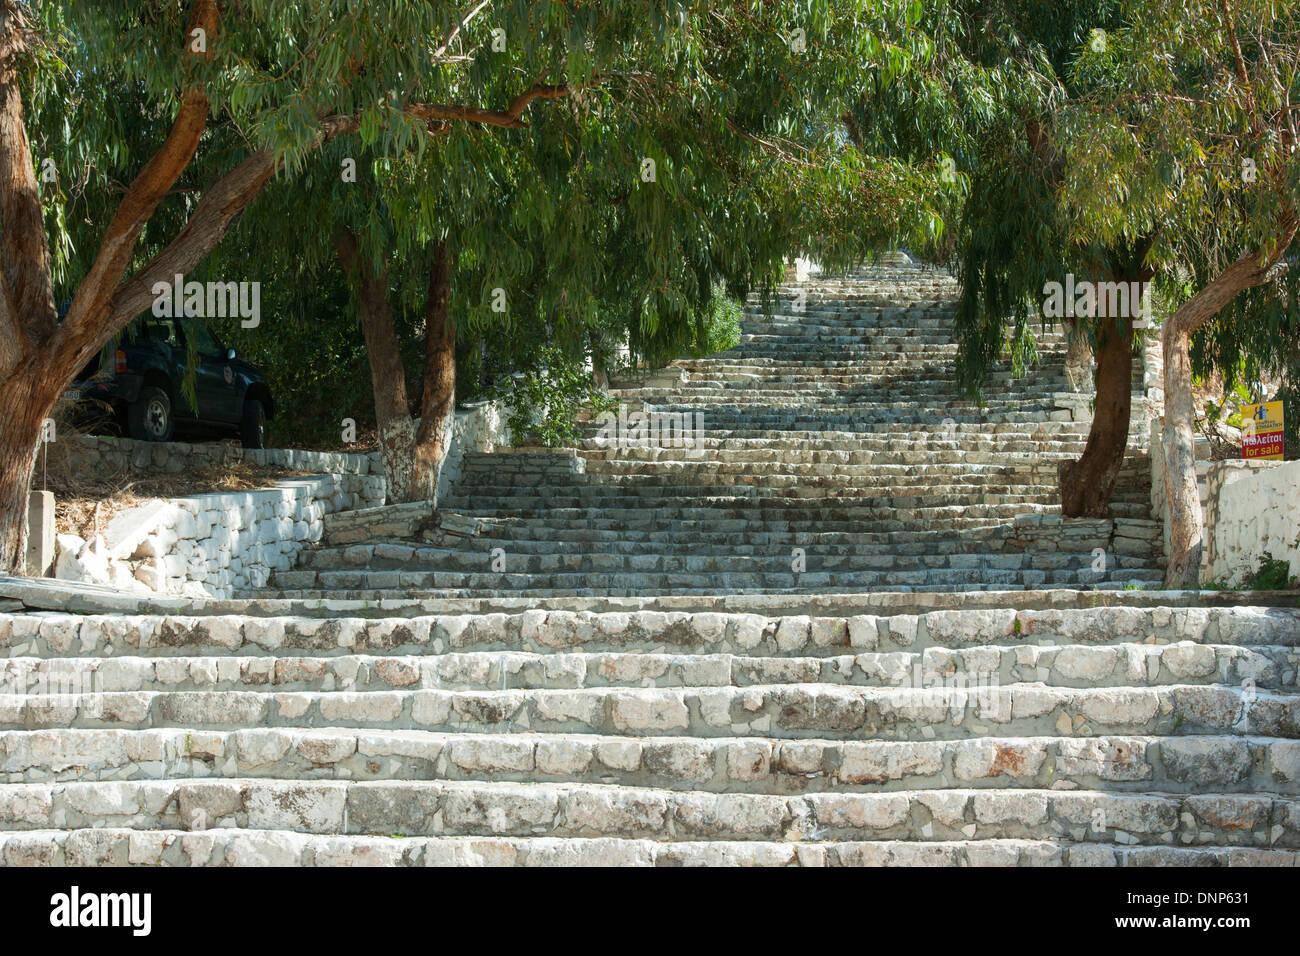 Griechenland, Kastellorizo, die Treppe die zur Burg führt war früher die Hauptgasse, umstanden mit Wohnhäusern - Stock Image